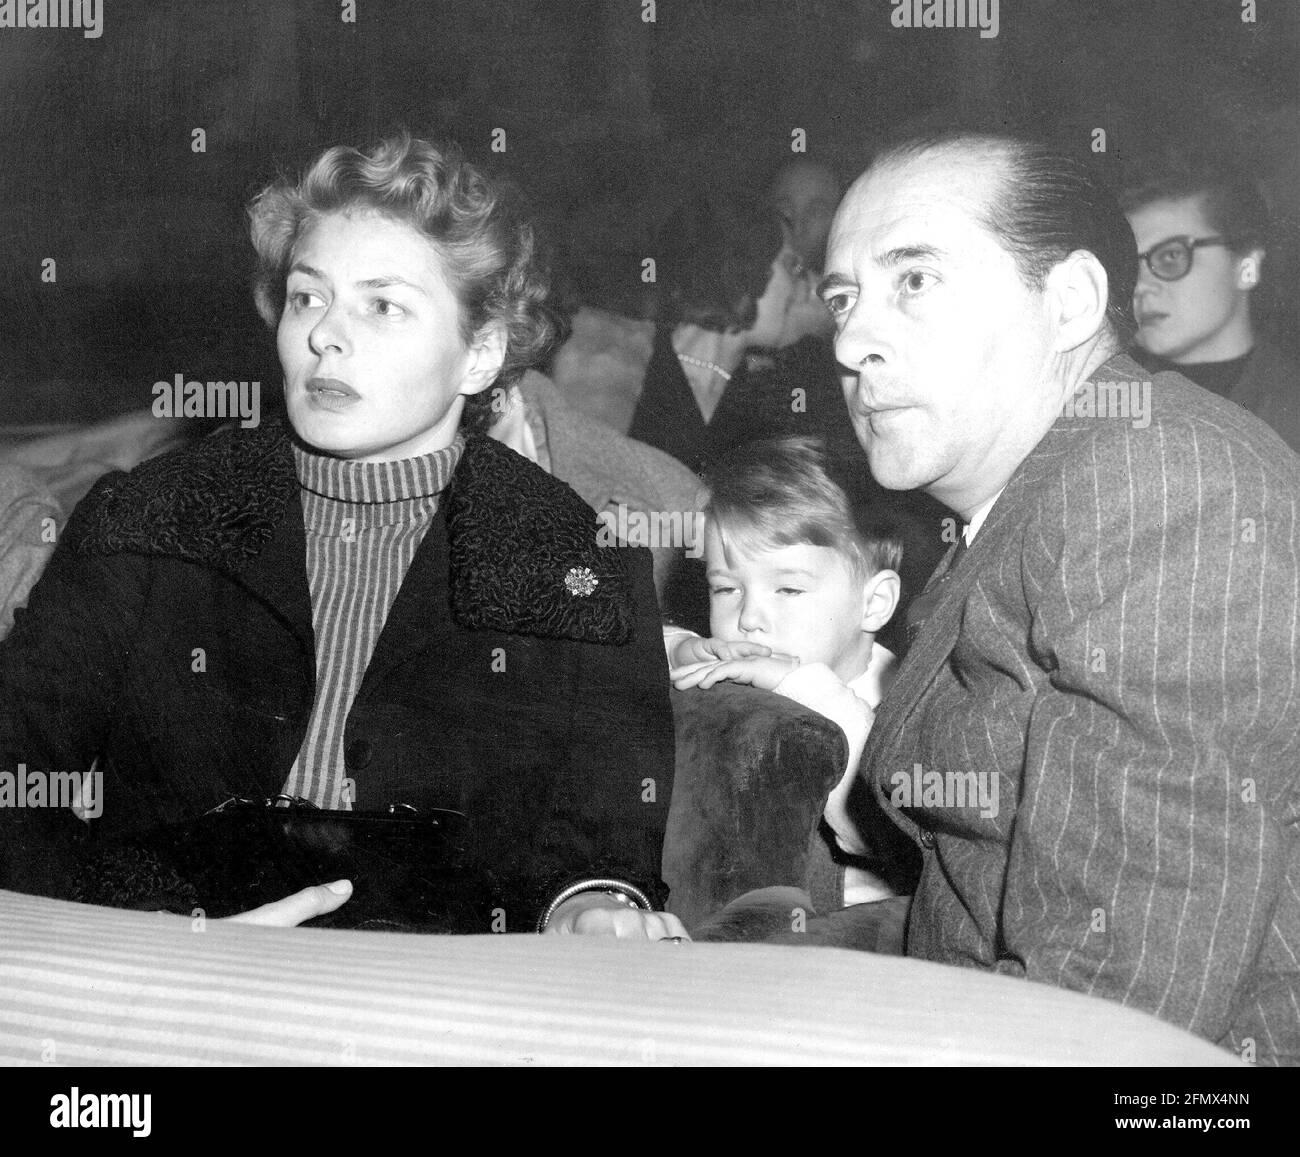 Bergman, Ingrid, 29.8.1915 - 29.8.1982, actrice suédoise, DROITS-SUPPLÉMENTAIRES-AUTORISATION-INFO-NON-DISPONIBLE Banque D'Images